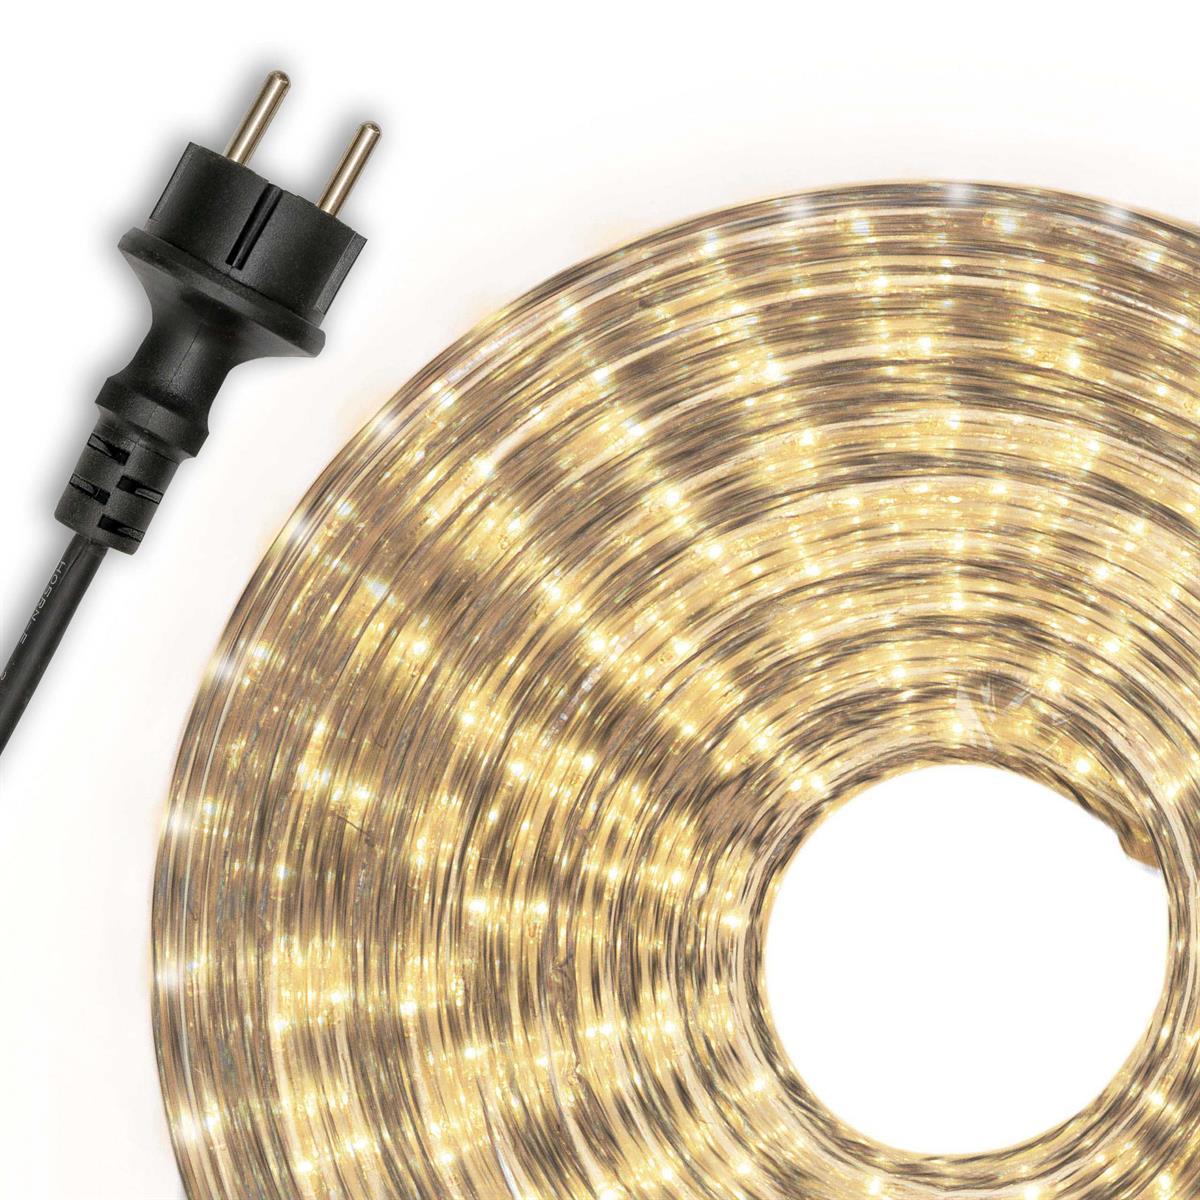 Lichterschlauch weiß 50m Lichterkette Lichtschlauch Weihnachtsbeleuchtung XMAS